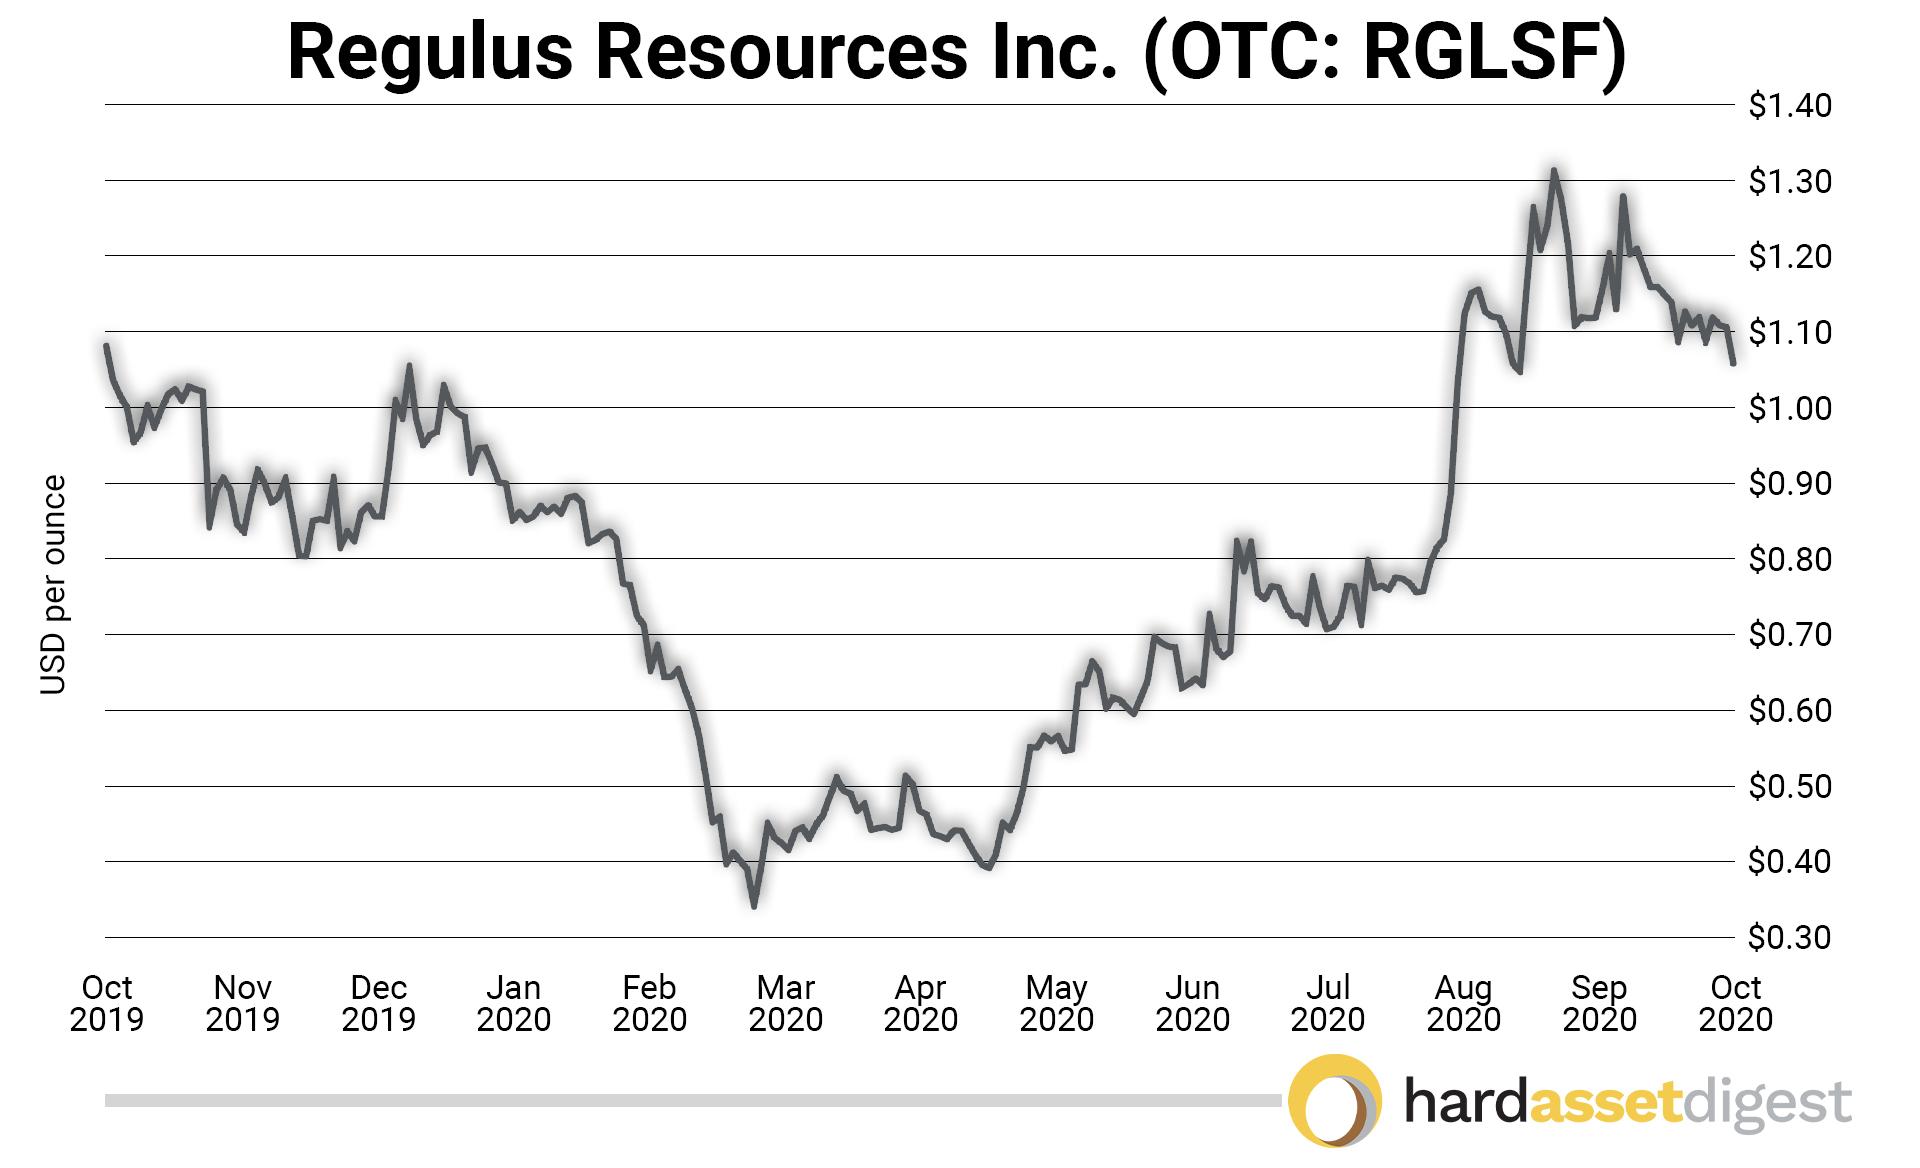 Regulus Resources